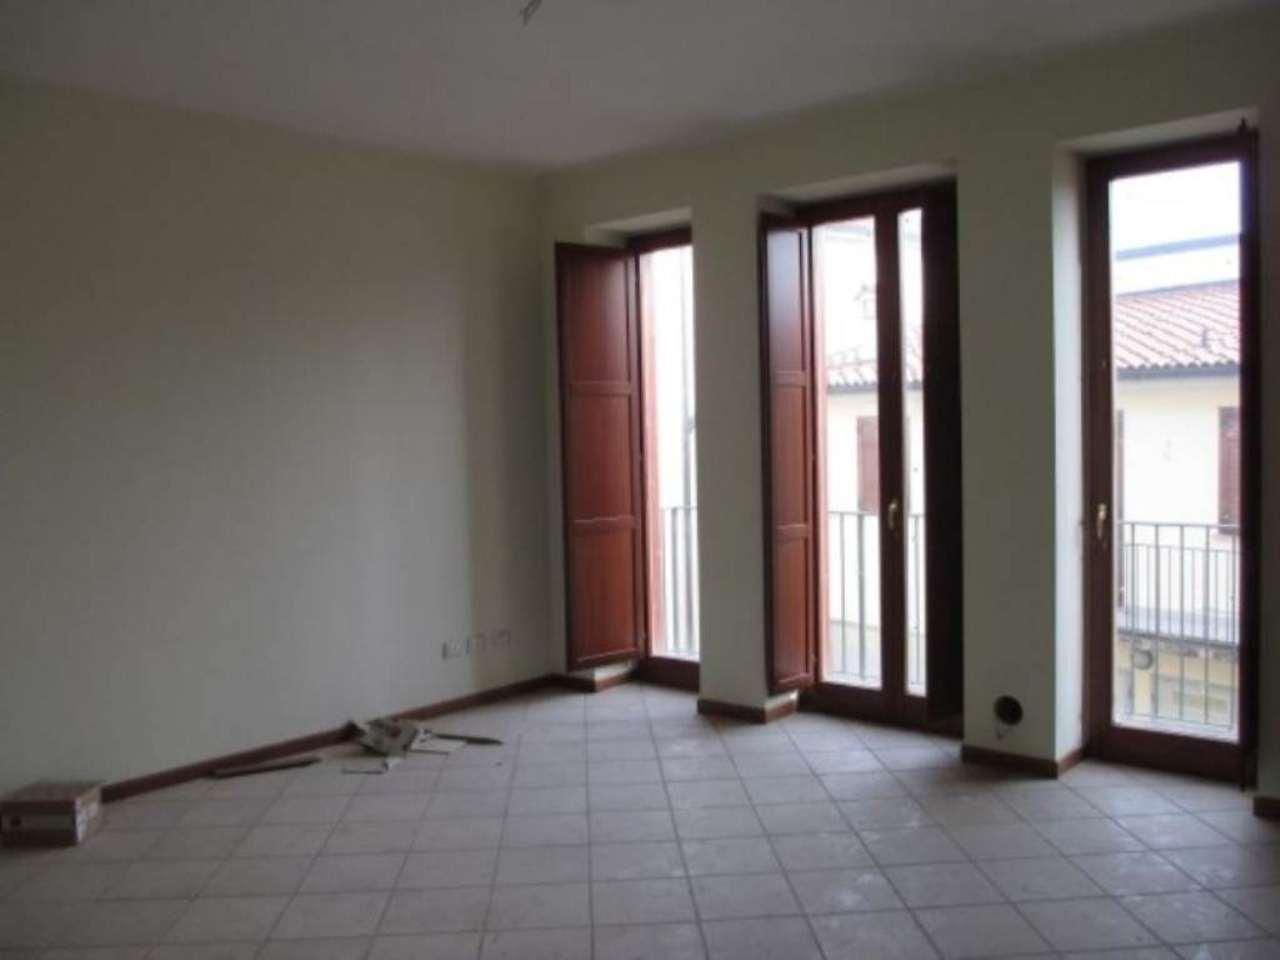 Appartamento in vendita a Soresina, 3 locali, prezzo € 117.000   PortaleAgenzieImmobiliari.it